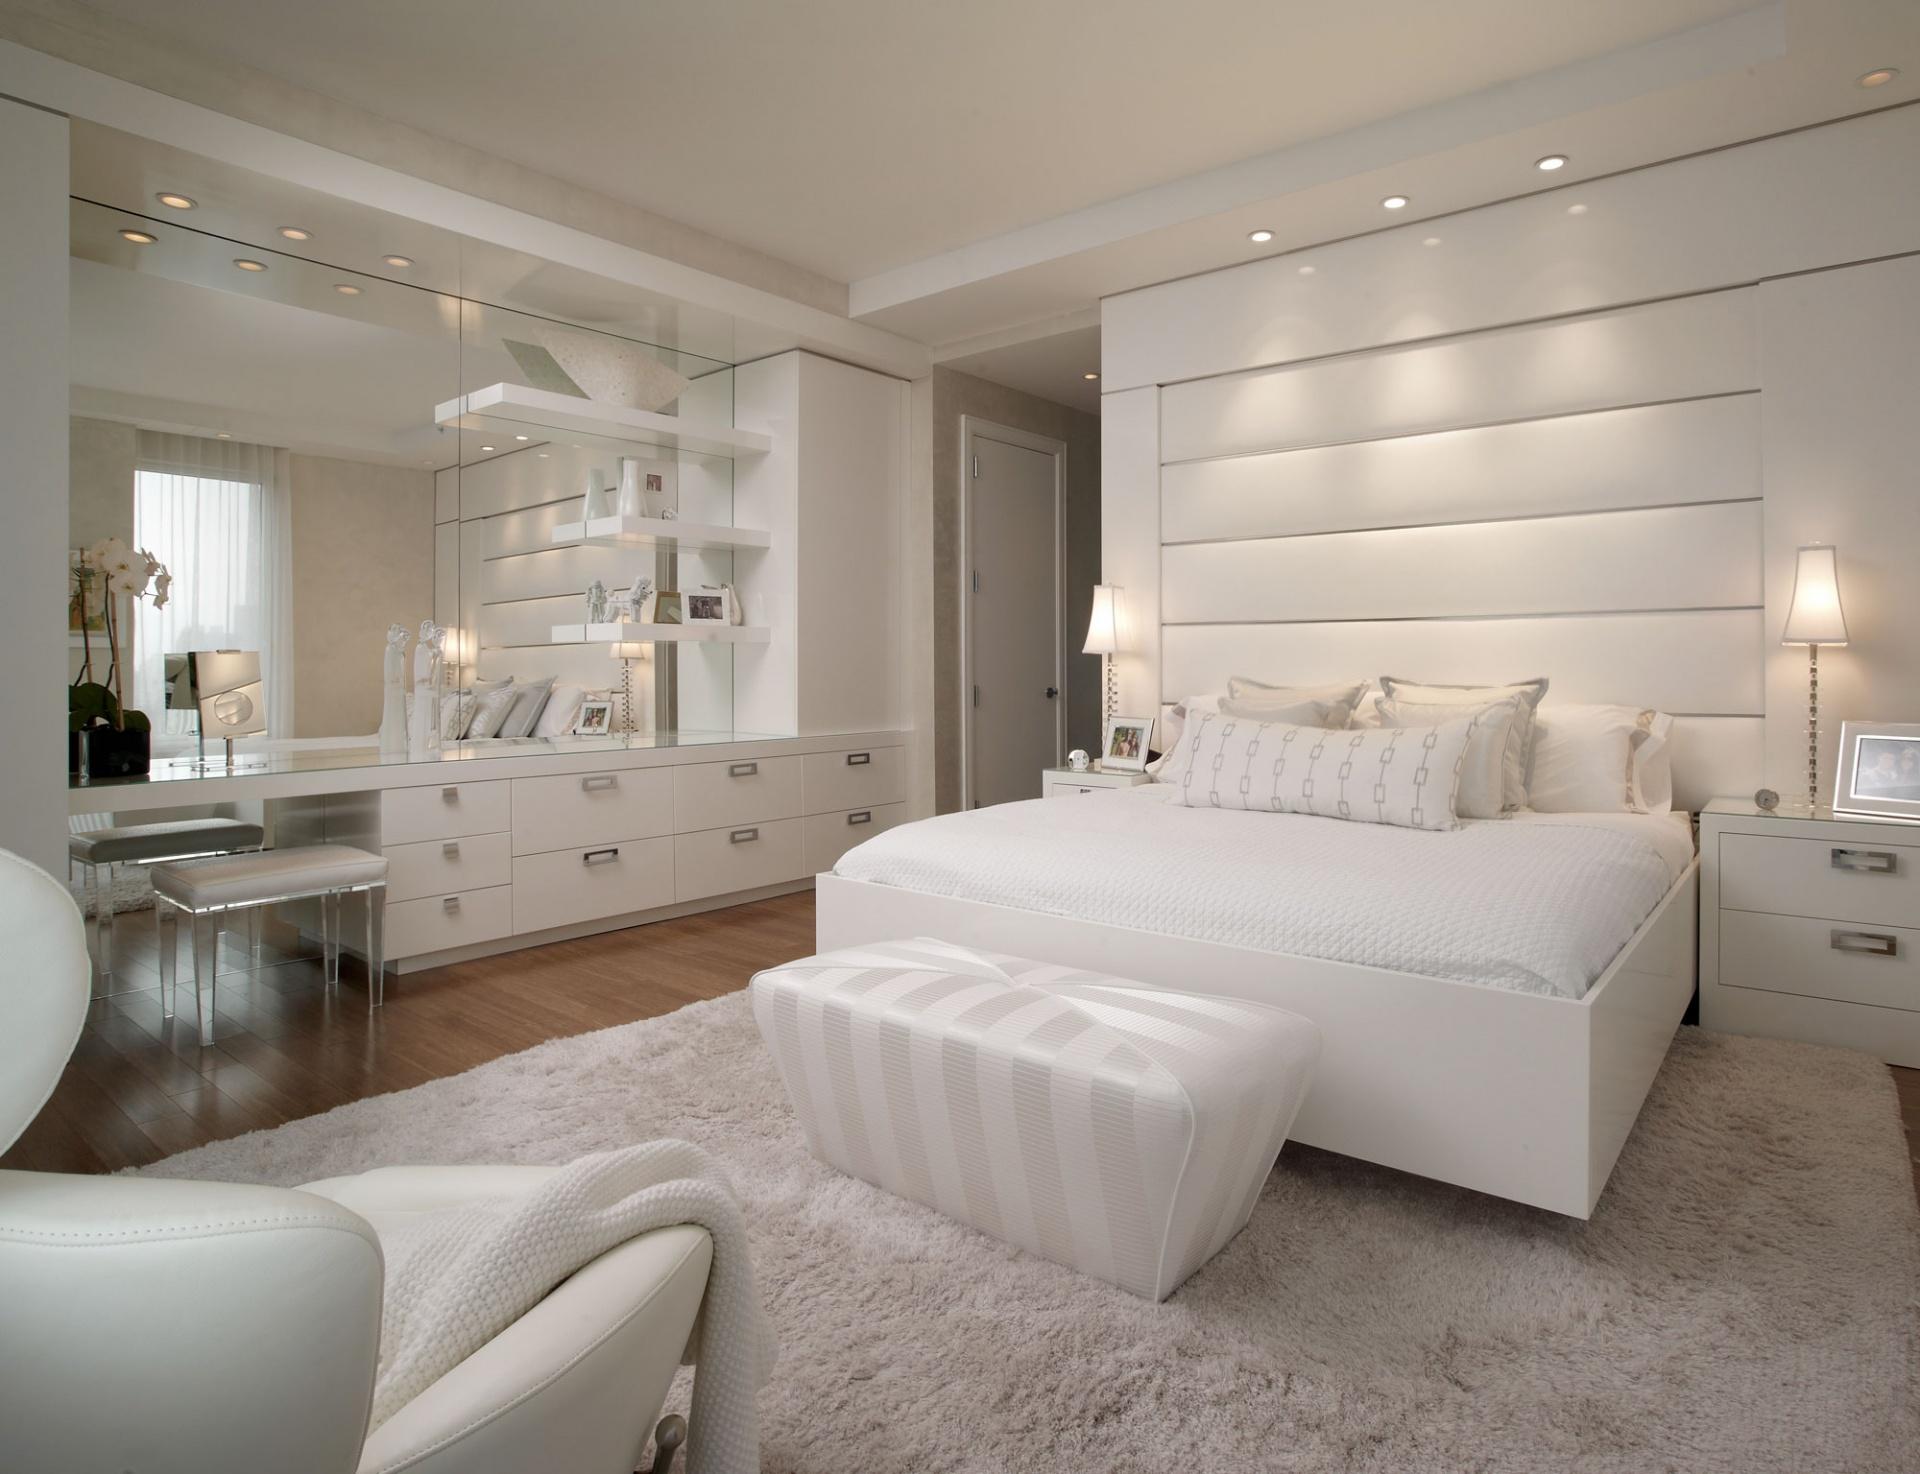 Harga Tempat Tidur Spring Bed